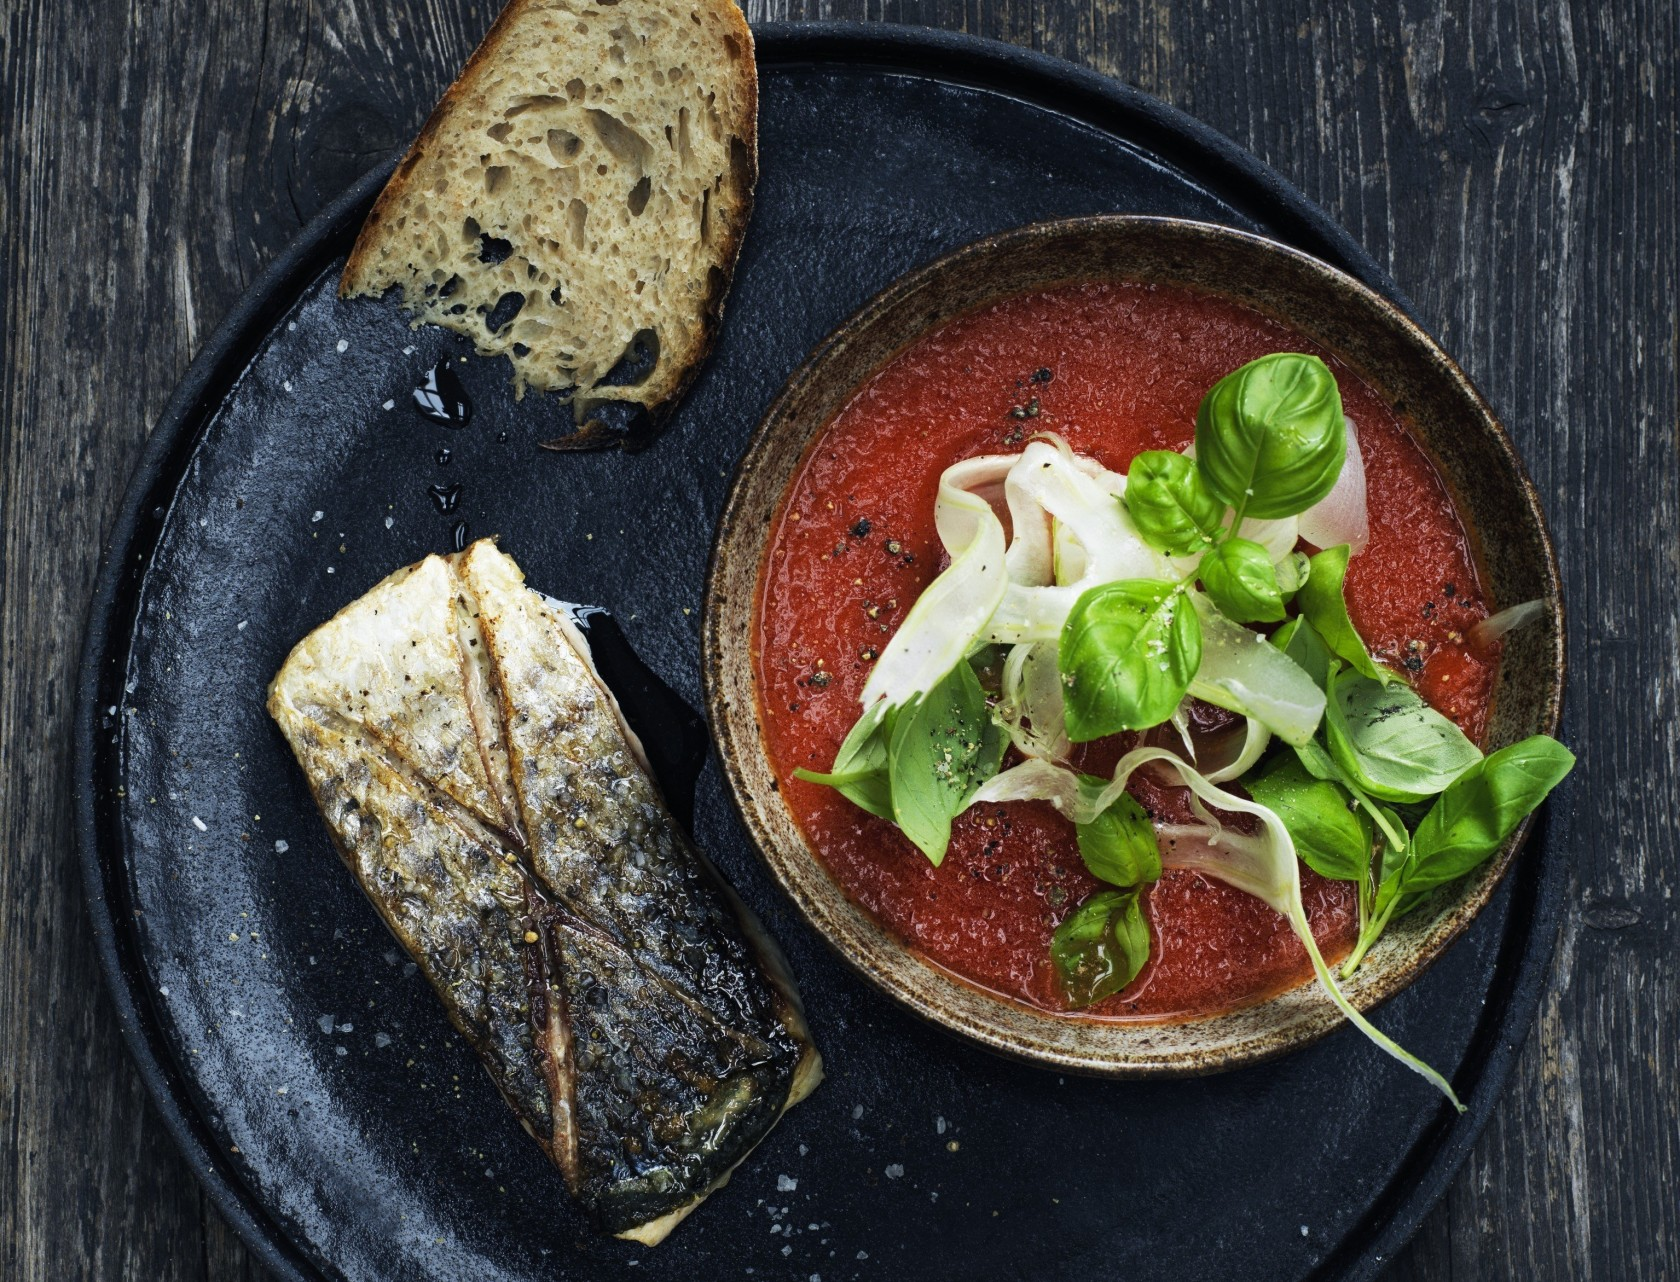 Tomat-fennikel-suppe med skindstegt multe - rigtig god opskrift!